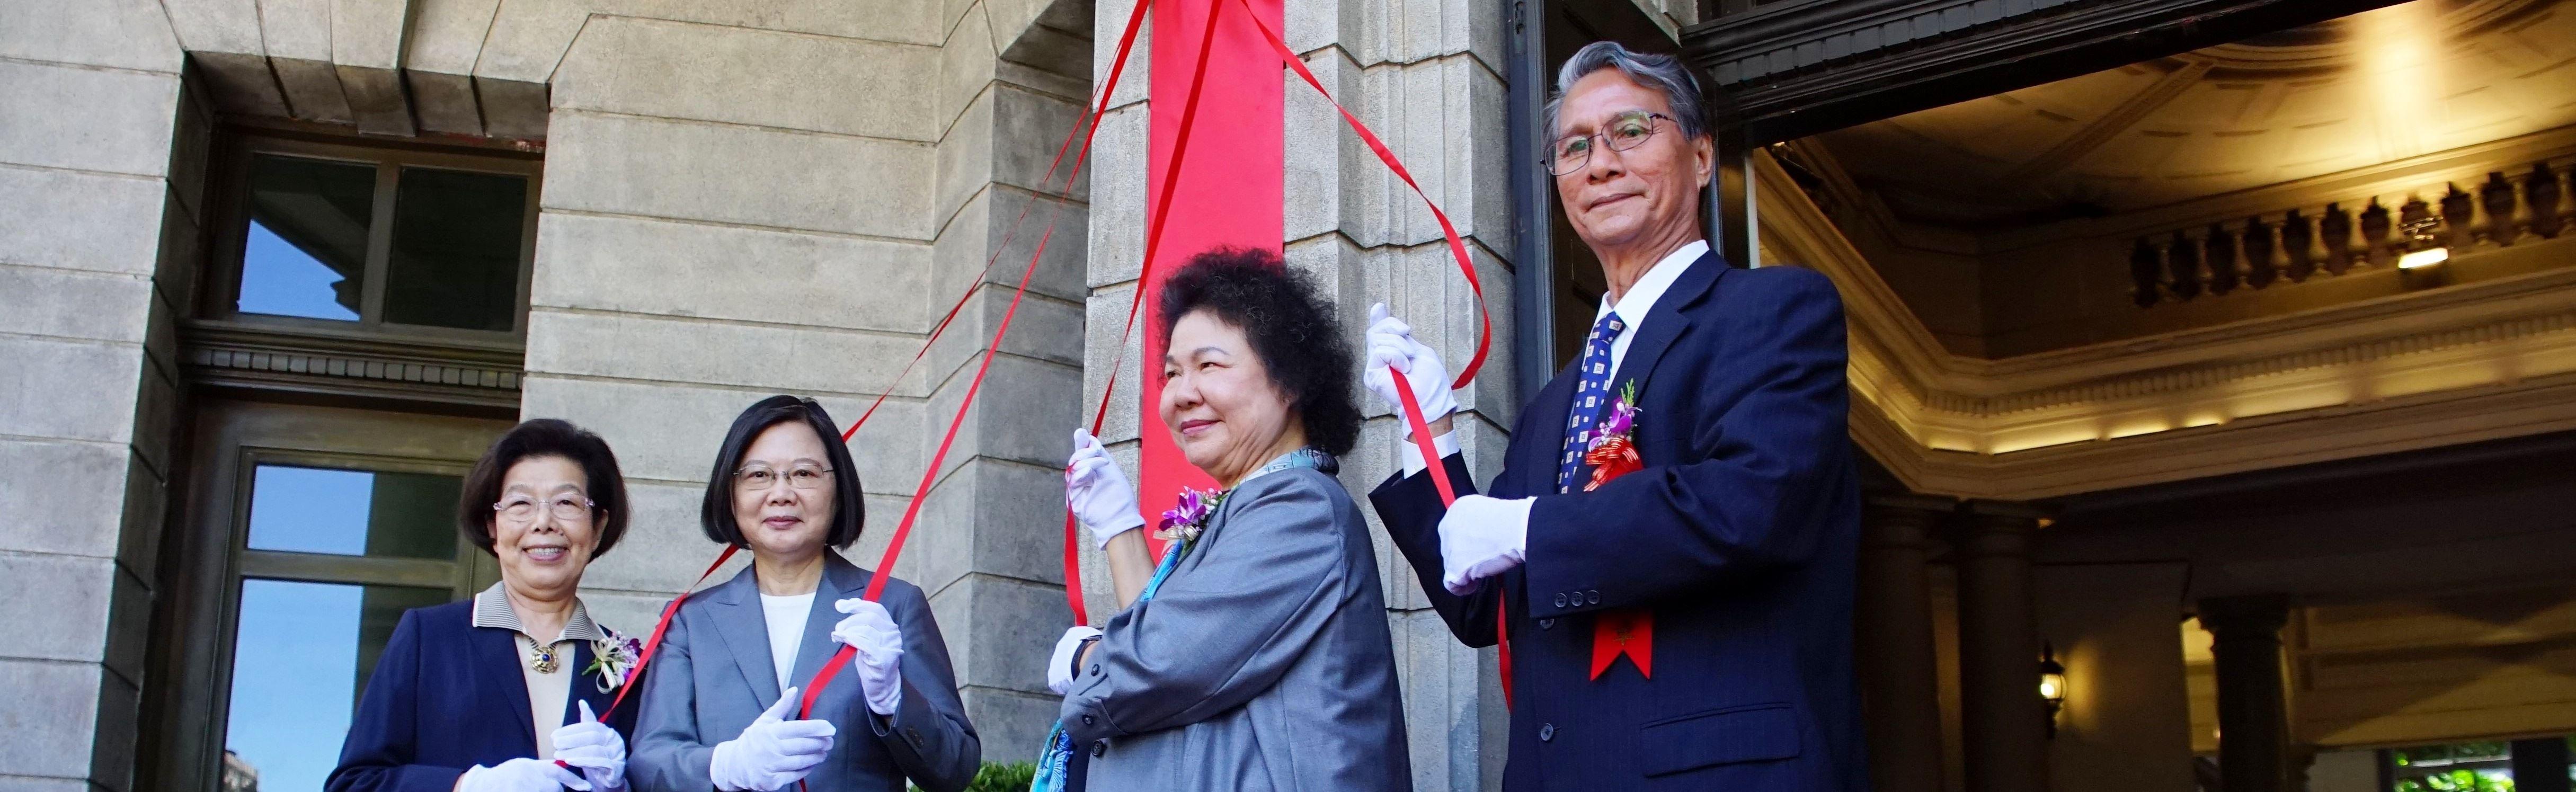 109年8月1日監察院舉行國家人權委員會揭牌典禮,總統蔡英文、首任主任委員陳菊、前院長張博雅及人權委員鴻義章Upay Radiw Kanasaw一同揭牌。